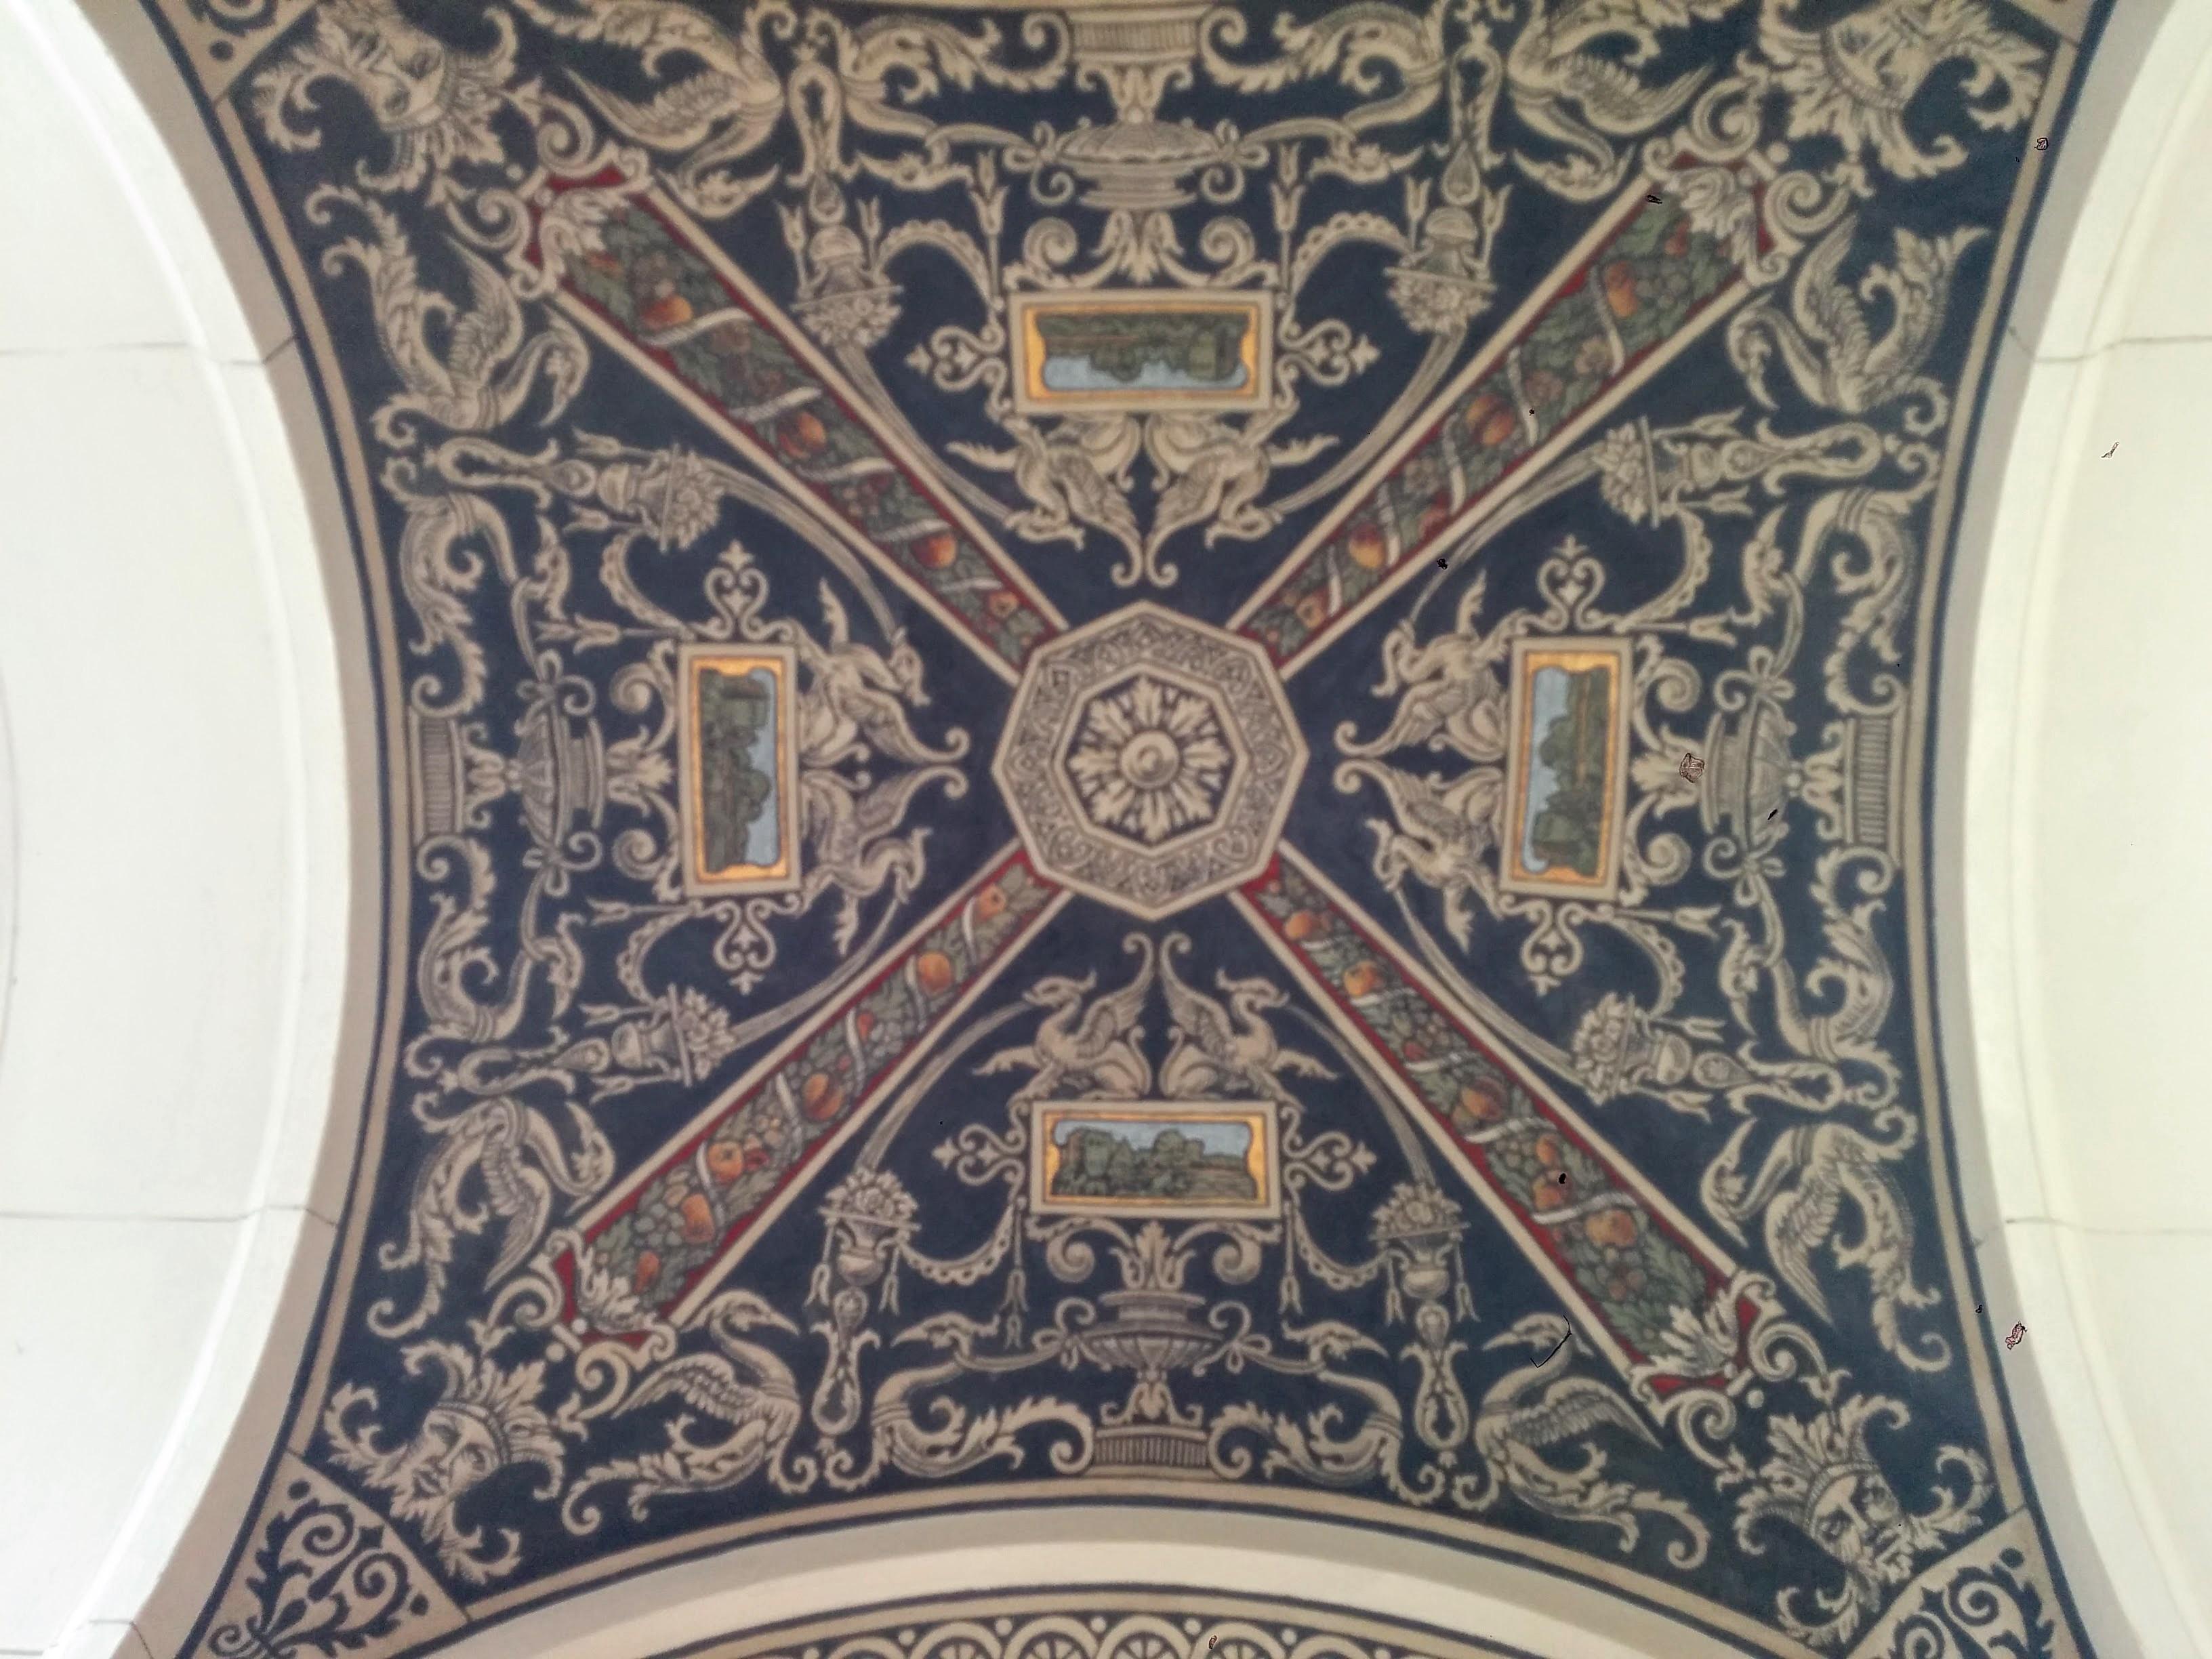 Várkert Bazár ceiling